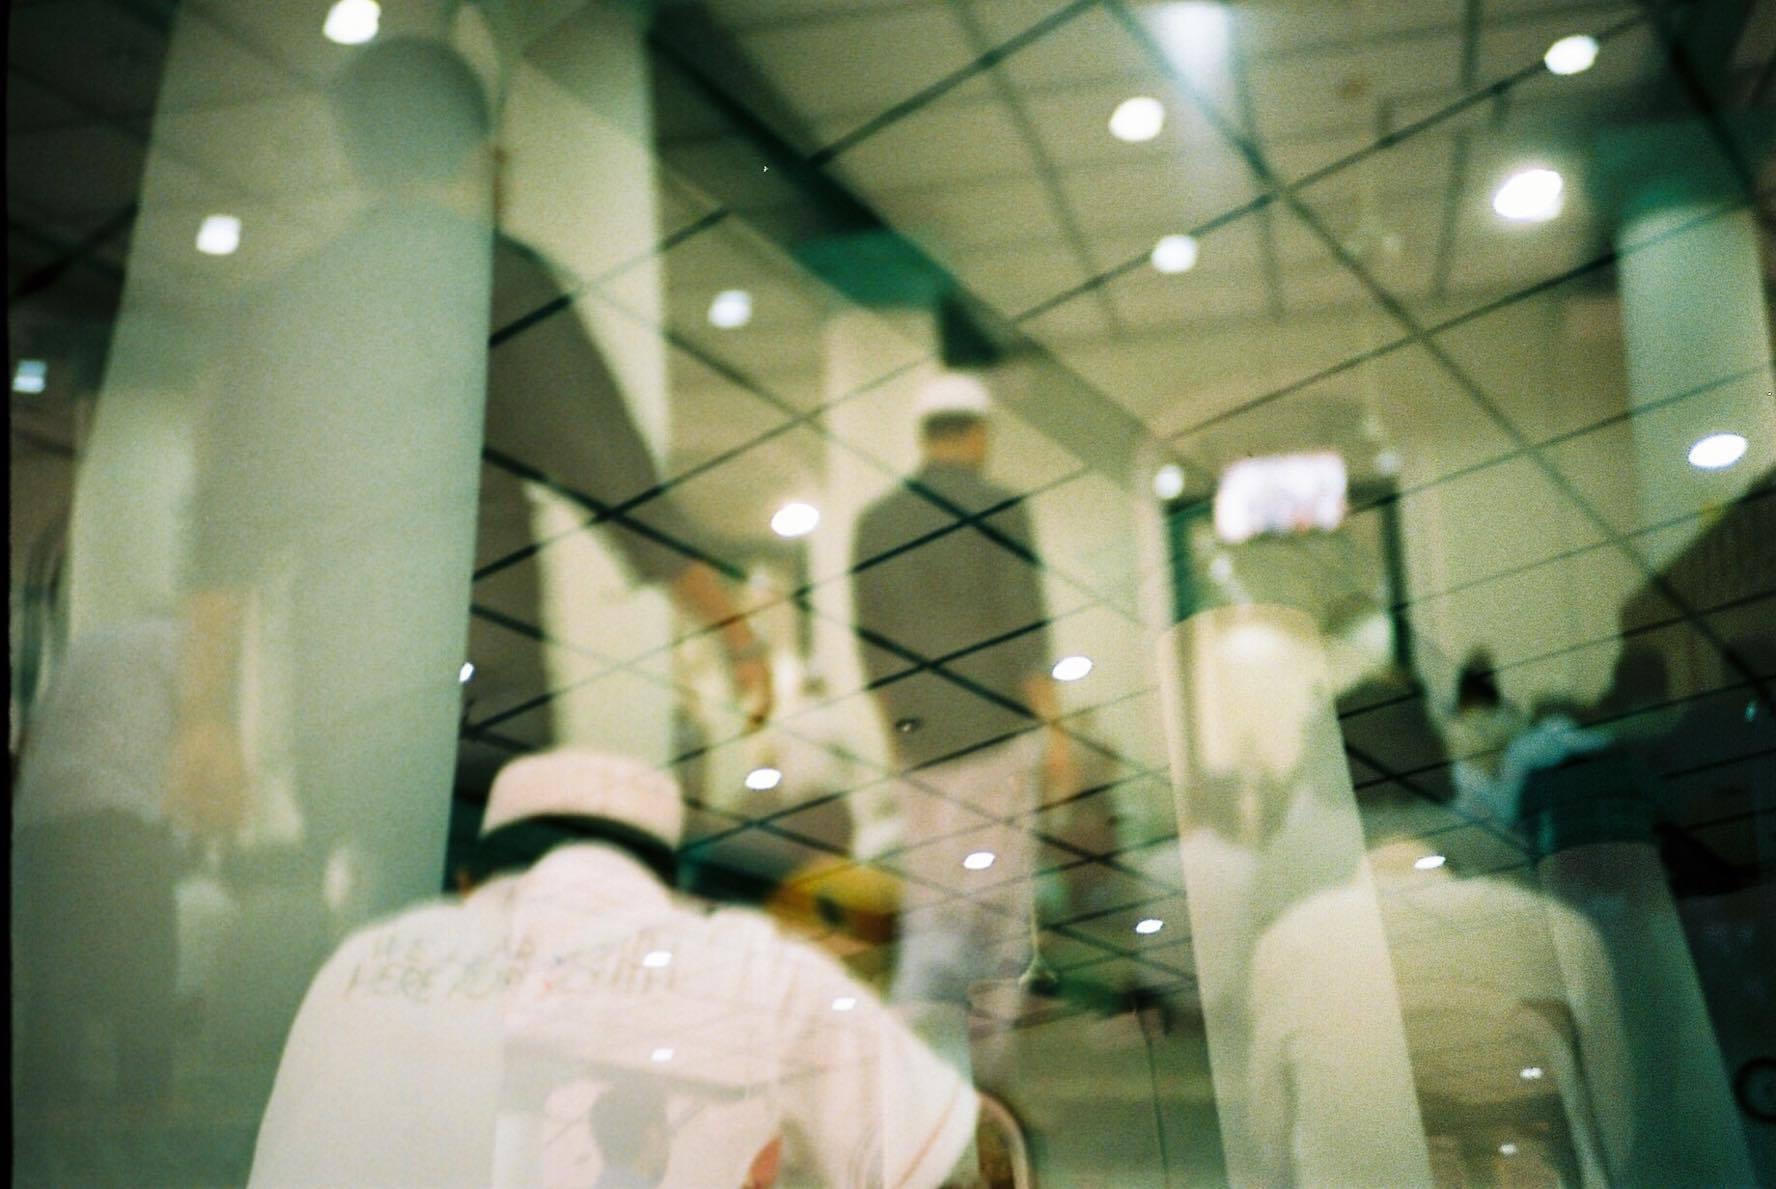 double exposure image of men in mosque